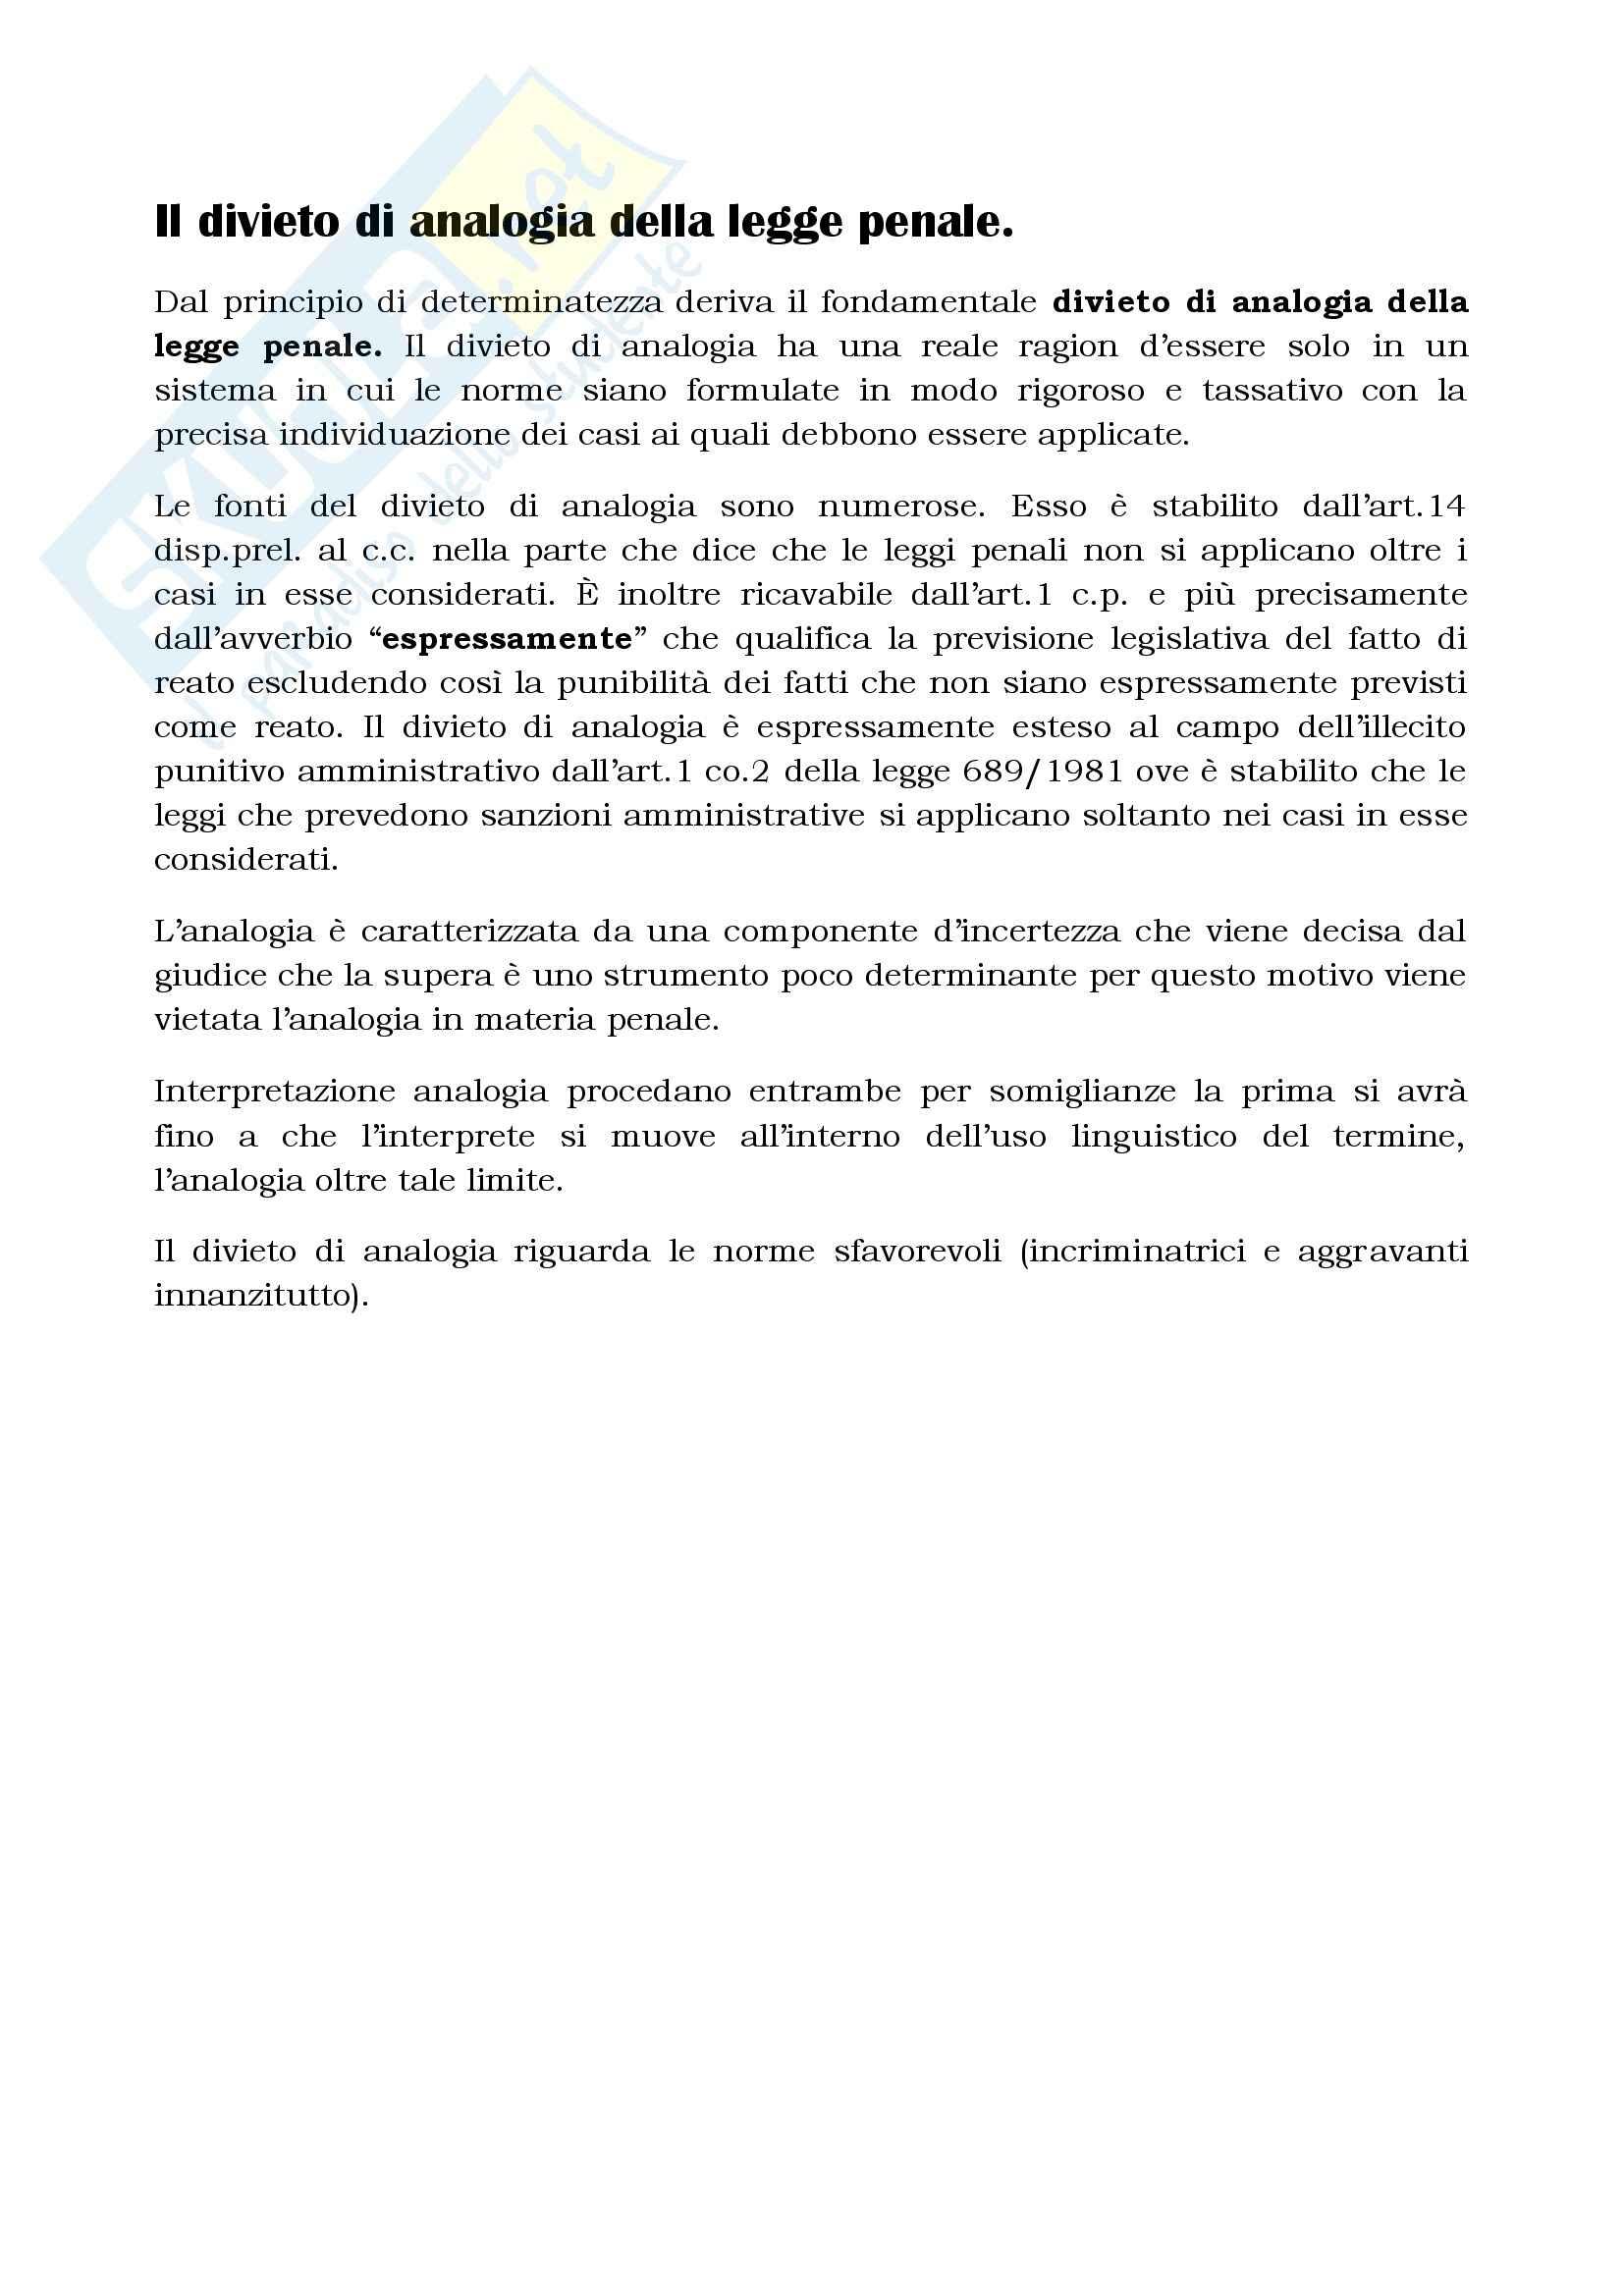 Diritto penale - divieto di analogia della legge penale